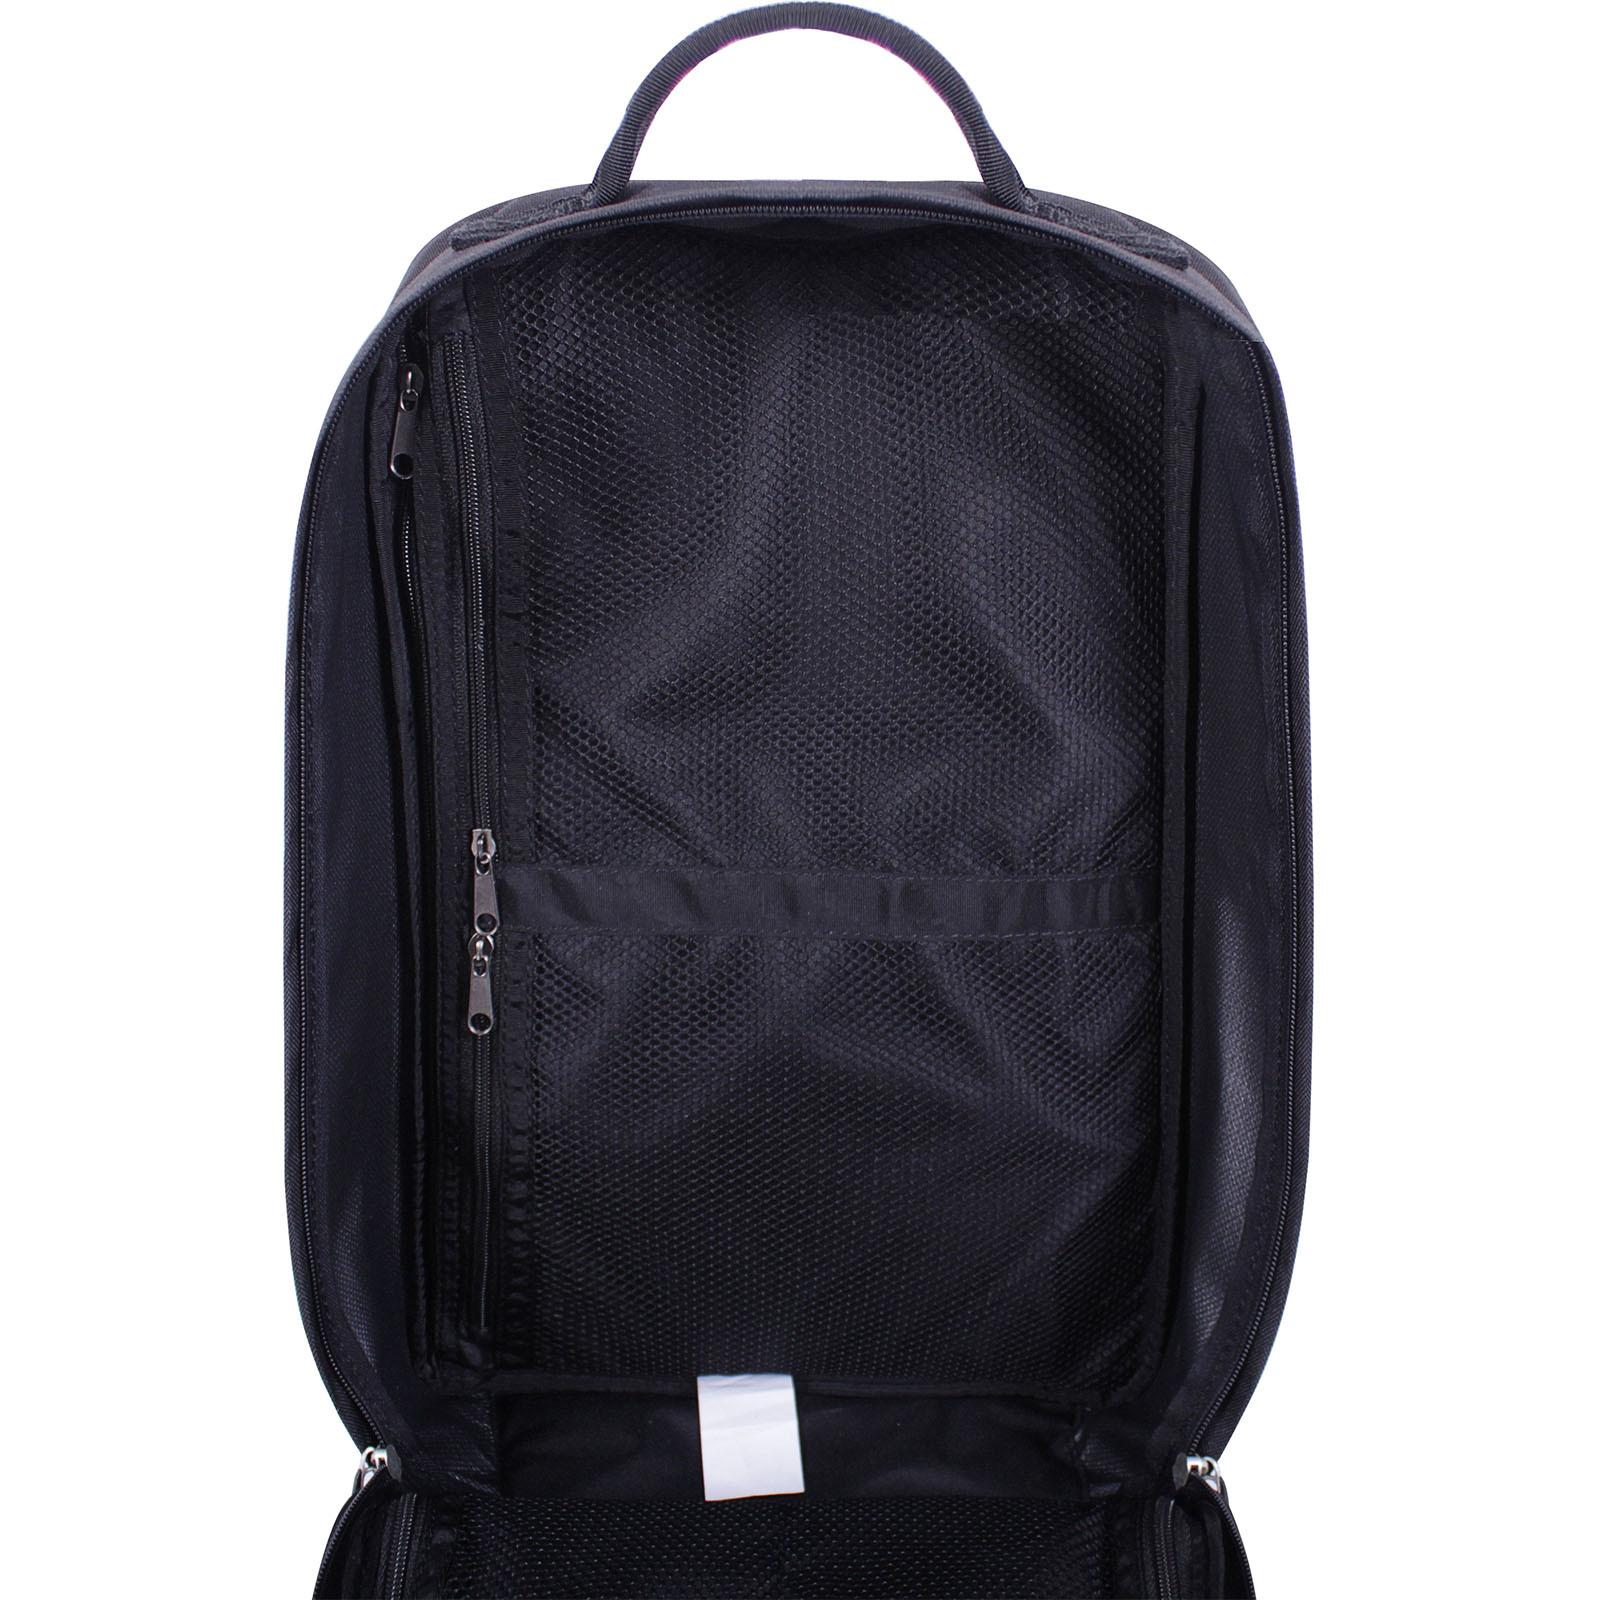 Рюкзак для ноутбука Bagland Jasper 19 л. Чёрный (00155169) фото 9